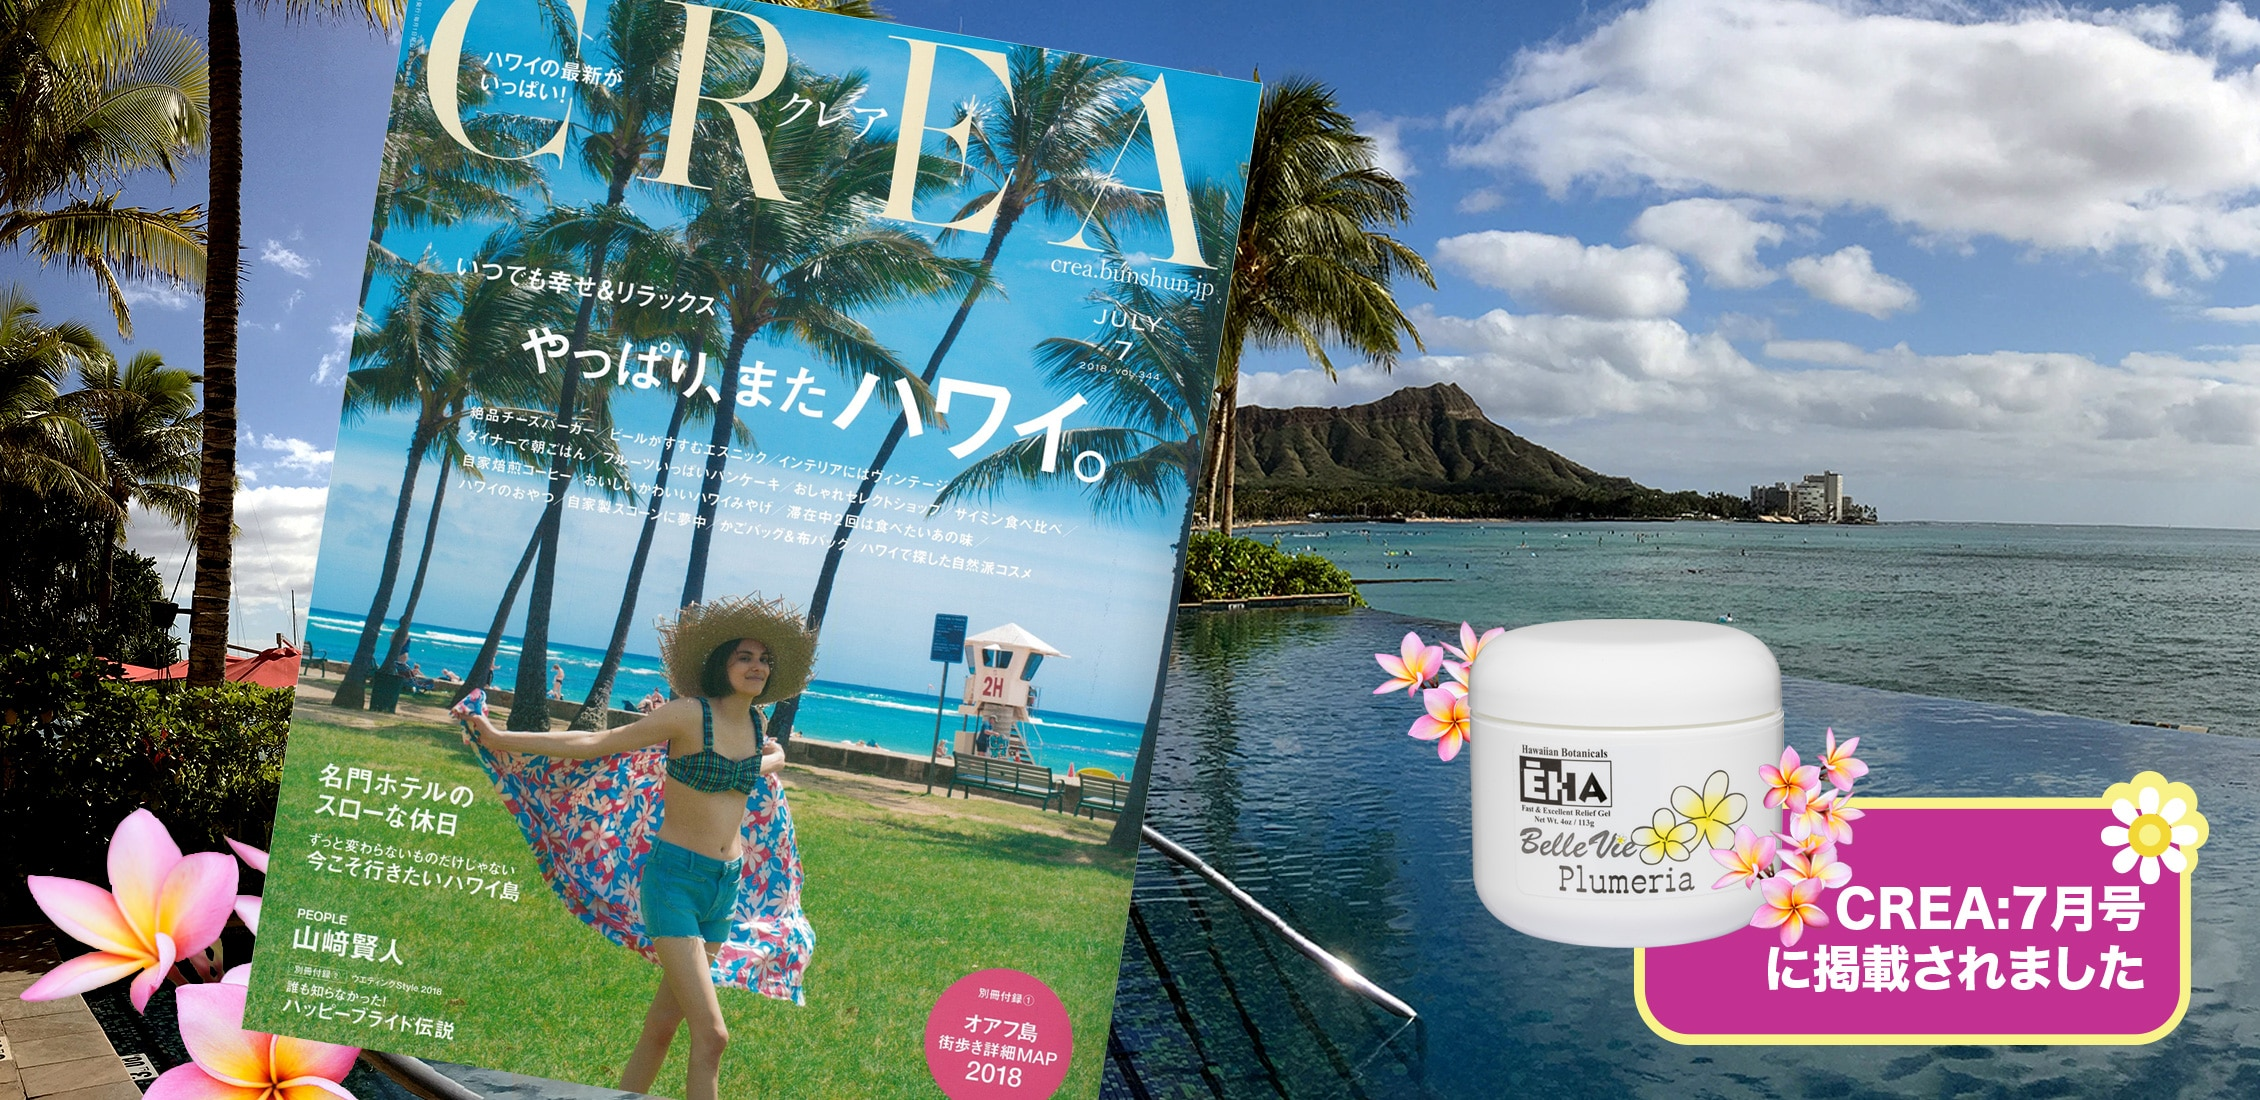 CREA(海外編)2018年 7月号 やっぱり、またハワイに掲載されました